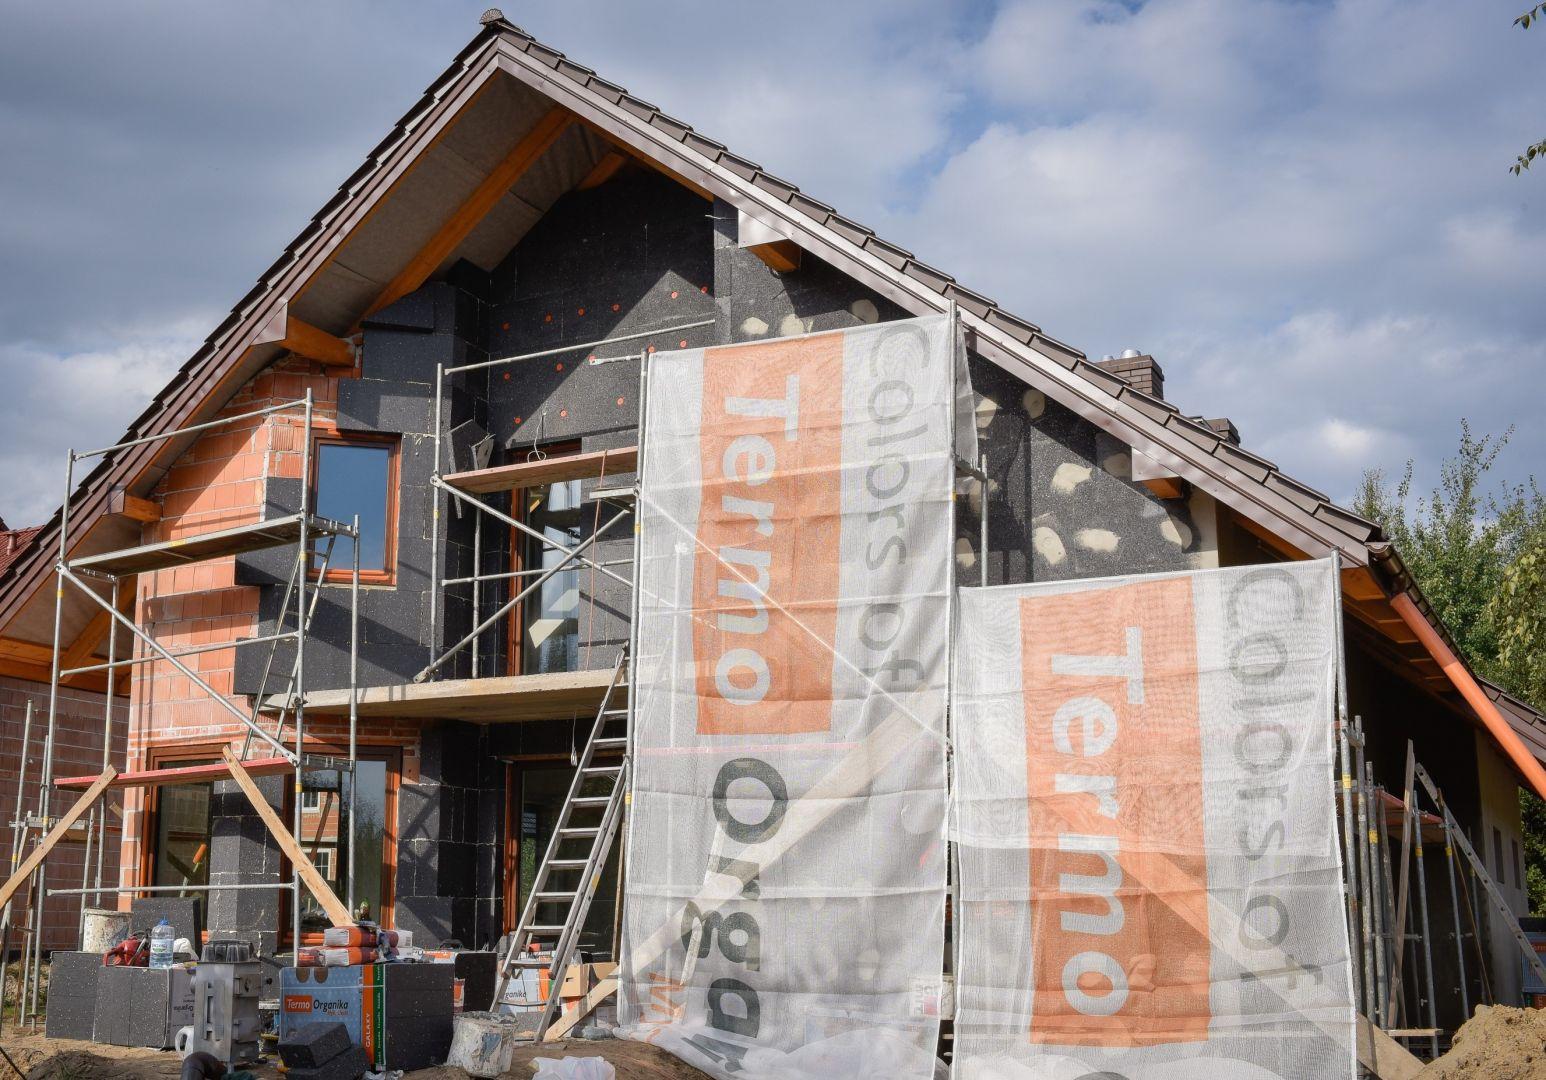 Polskie prawodawstwo związane z energooszczędnością w budownictwie sukcesywnie wprowadza europejskie standardy dążące do ograniczenia zużycia energii podczas codziennej eksploatacji domów. Fot. Termo Organika